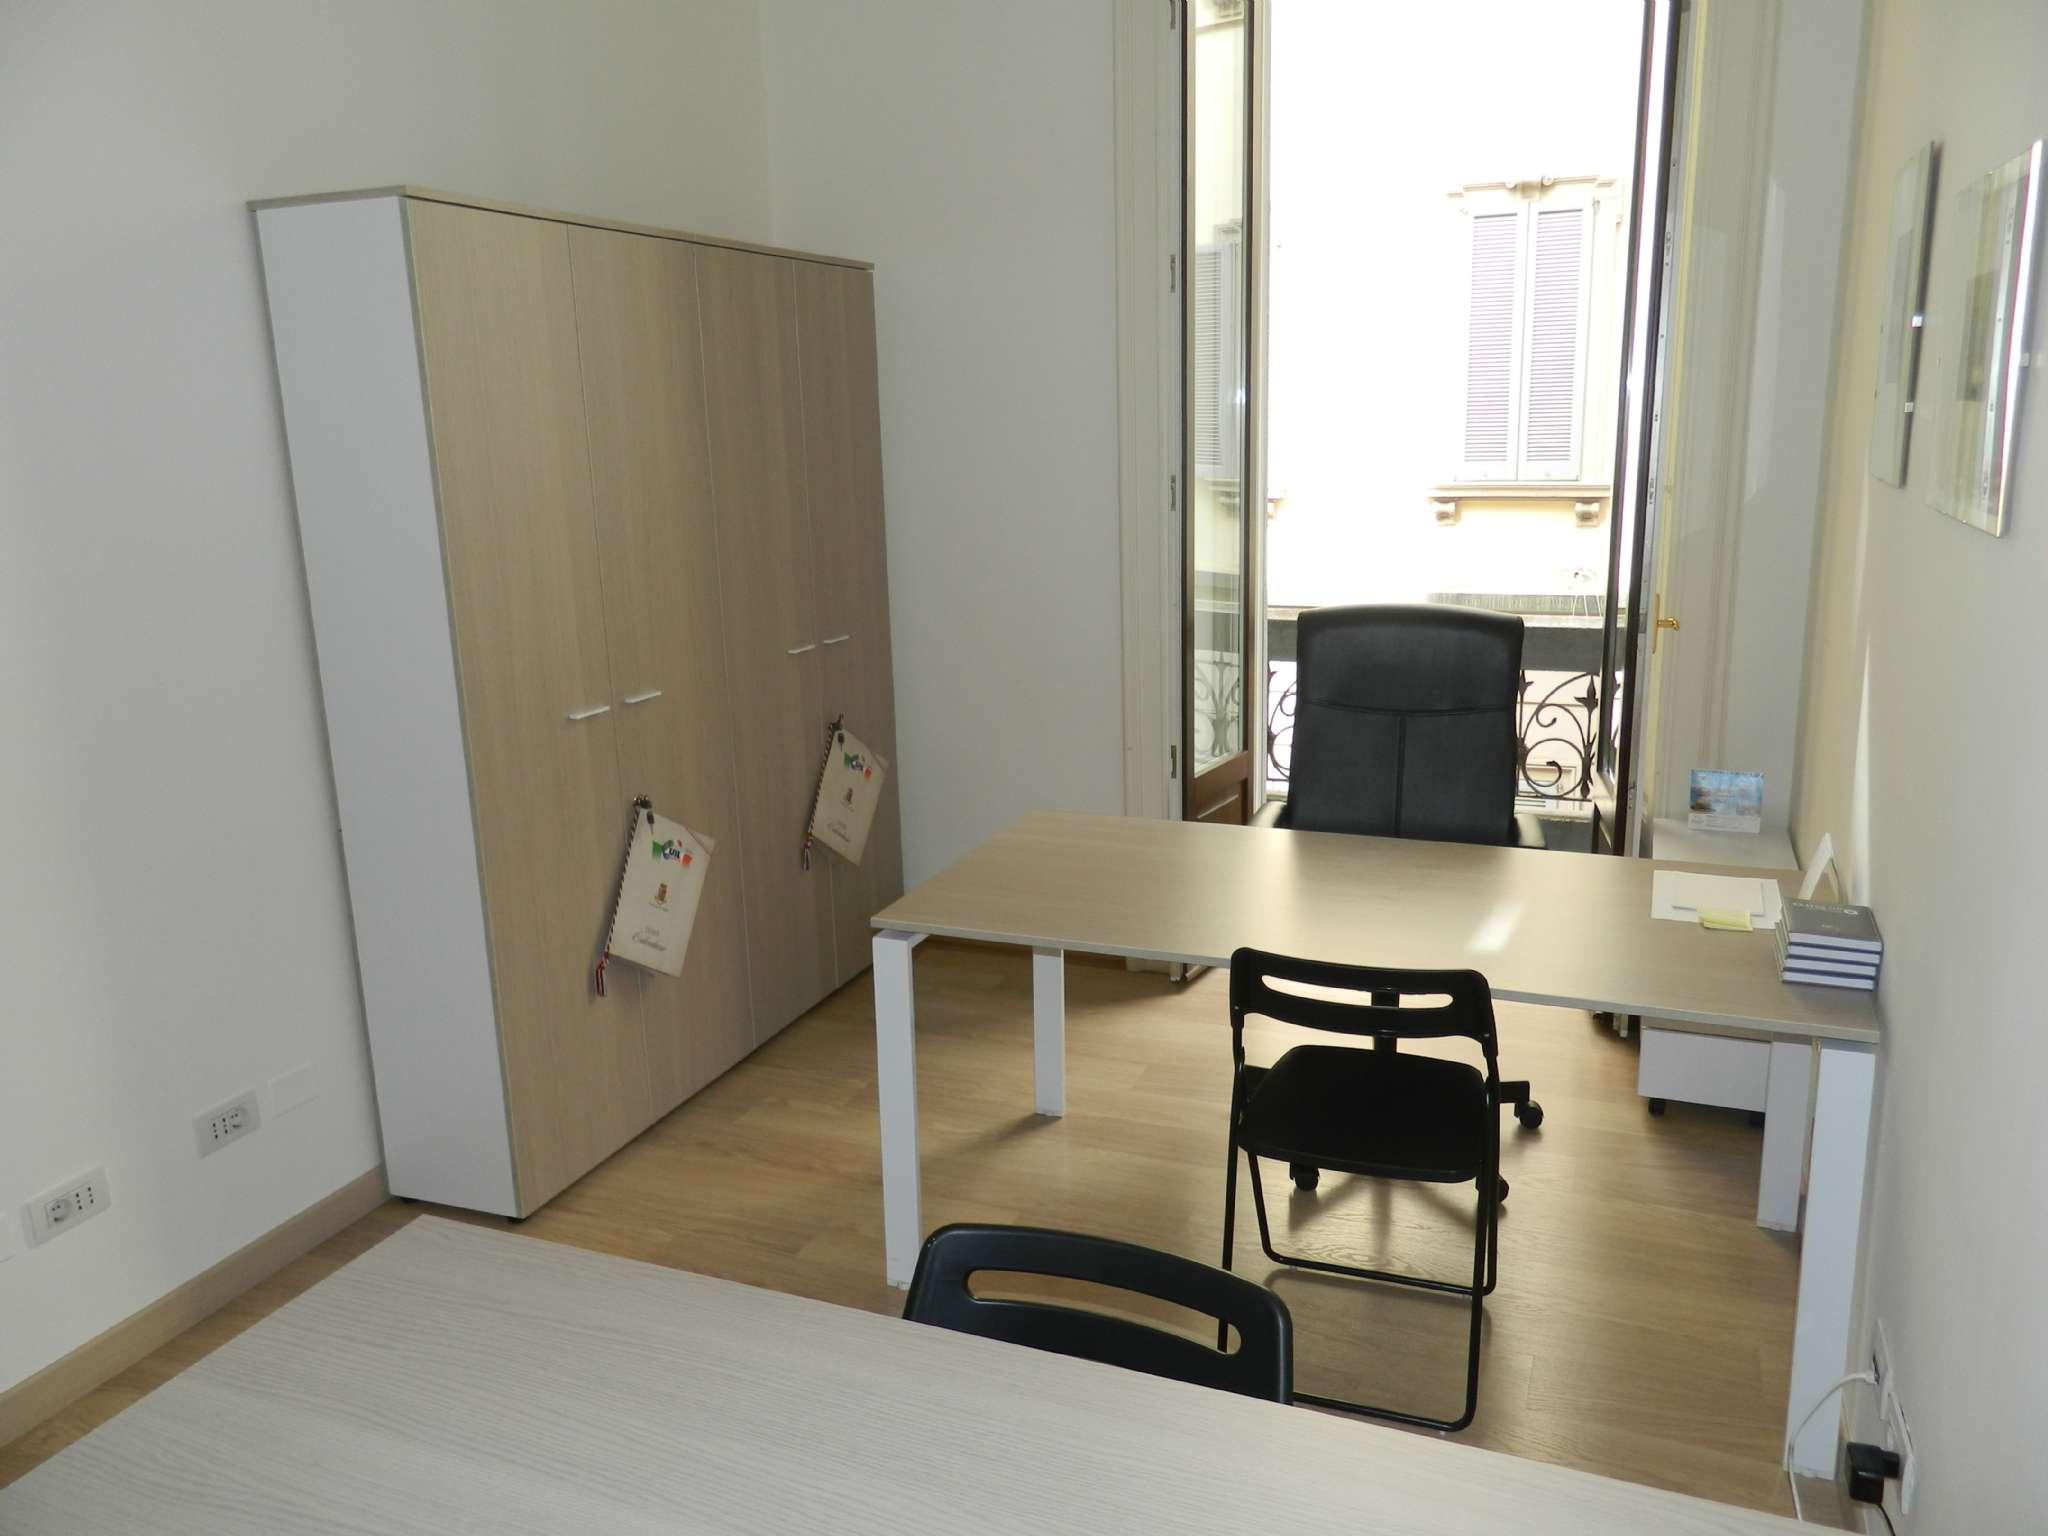 Ufficio-studio in Affitto a Milano 01 Centro storico (Cerchia dei Navigli):  5 locali, 10 mq  - Foto 1